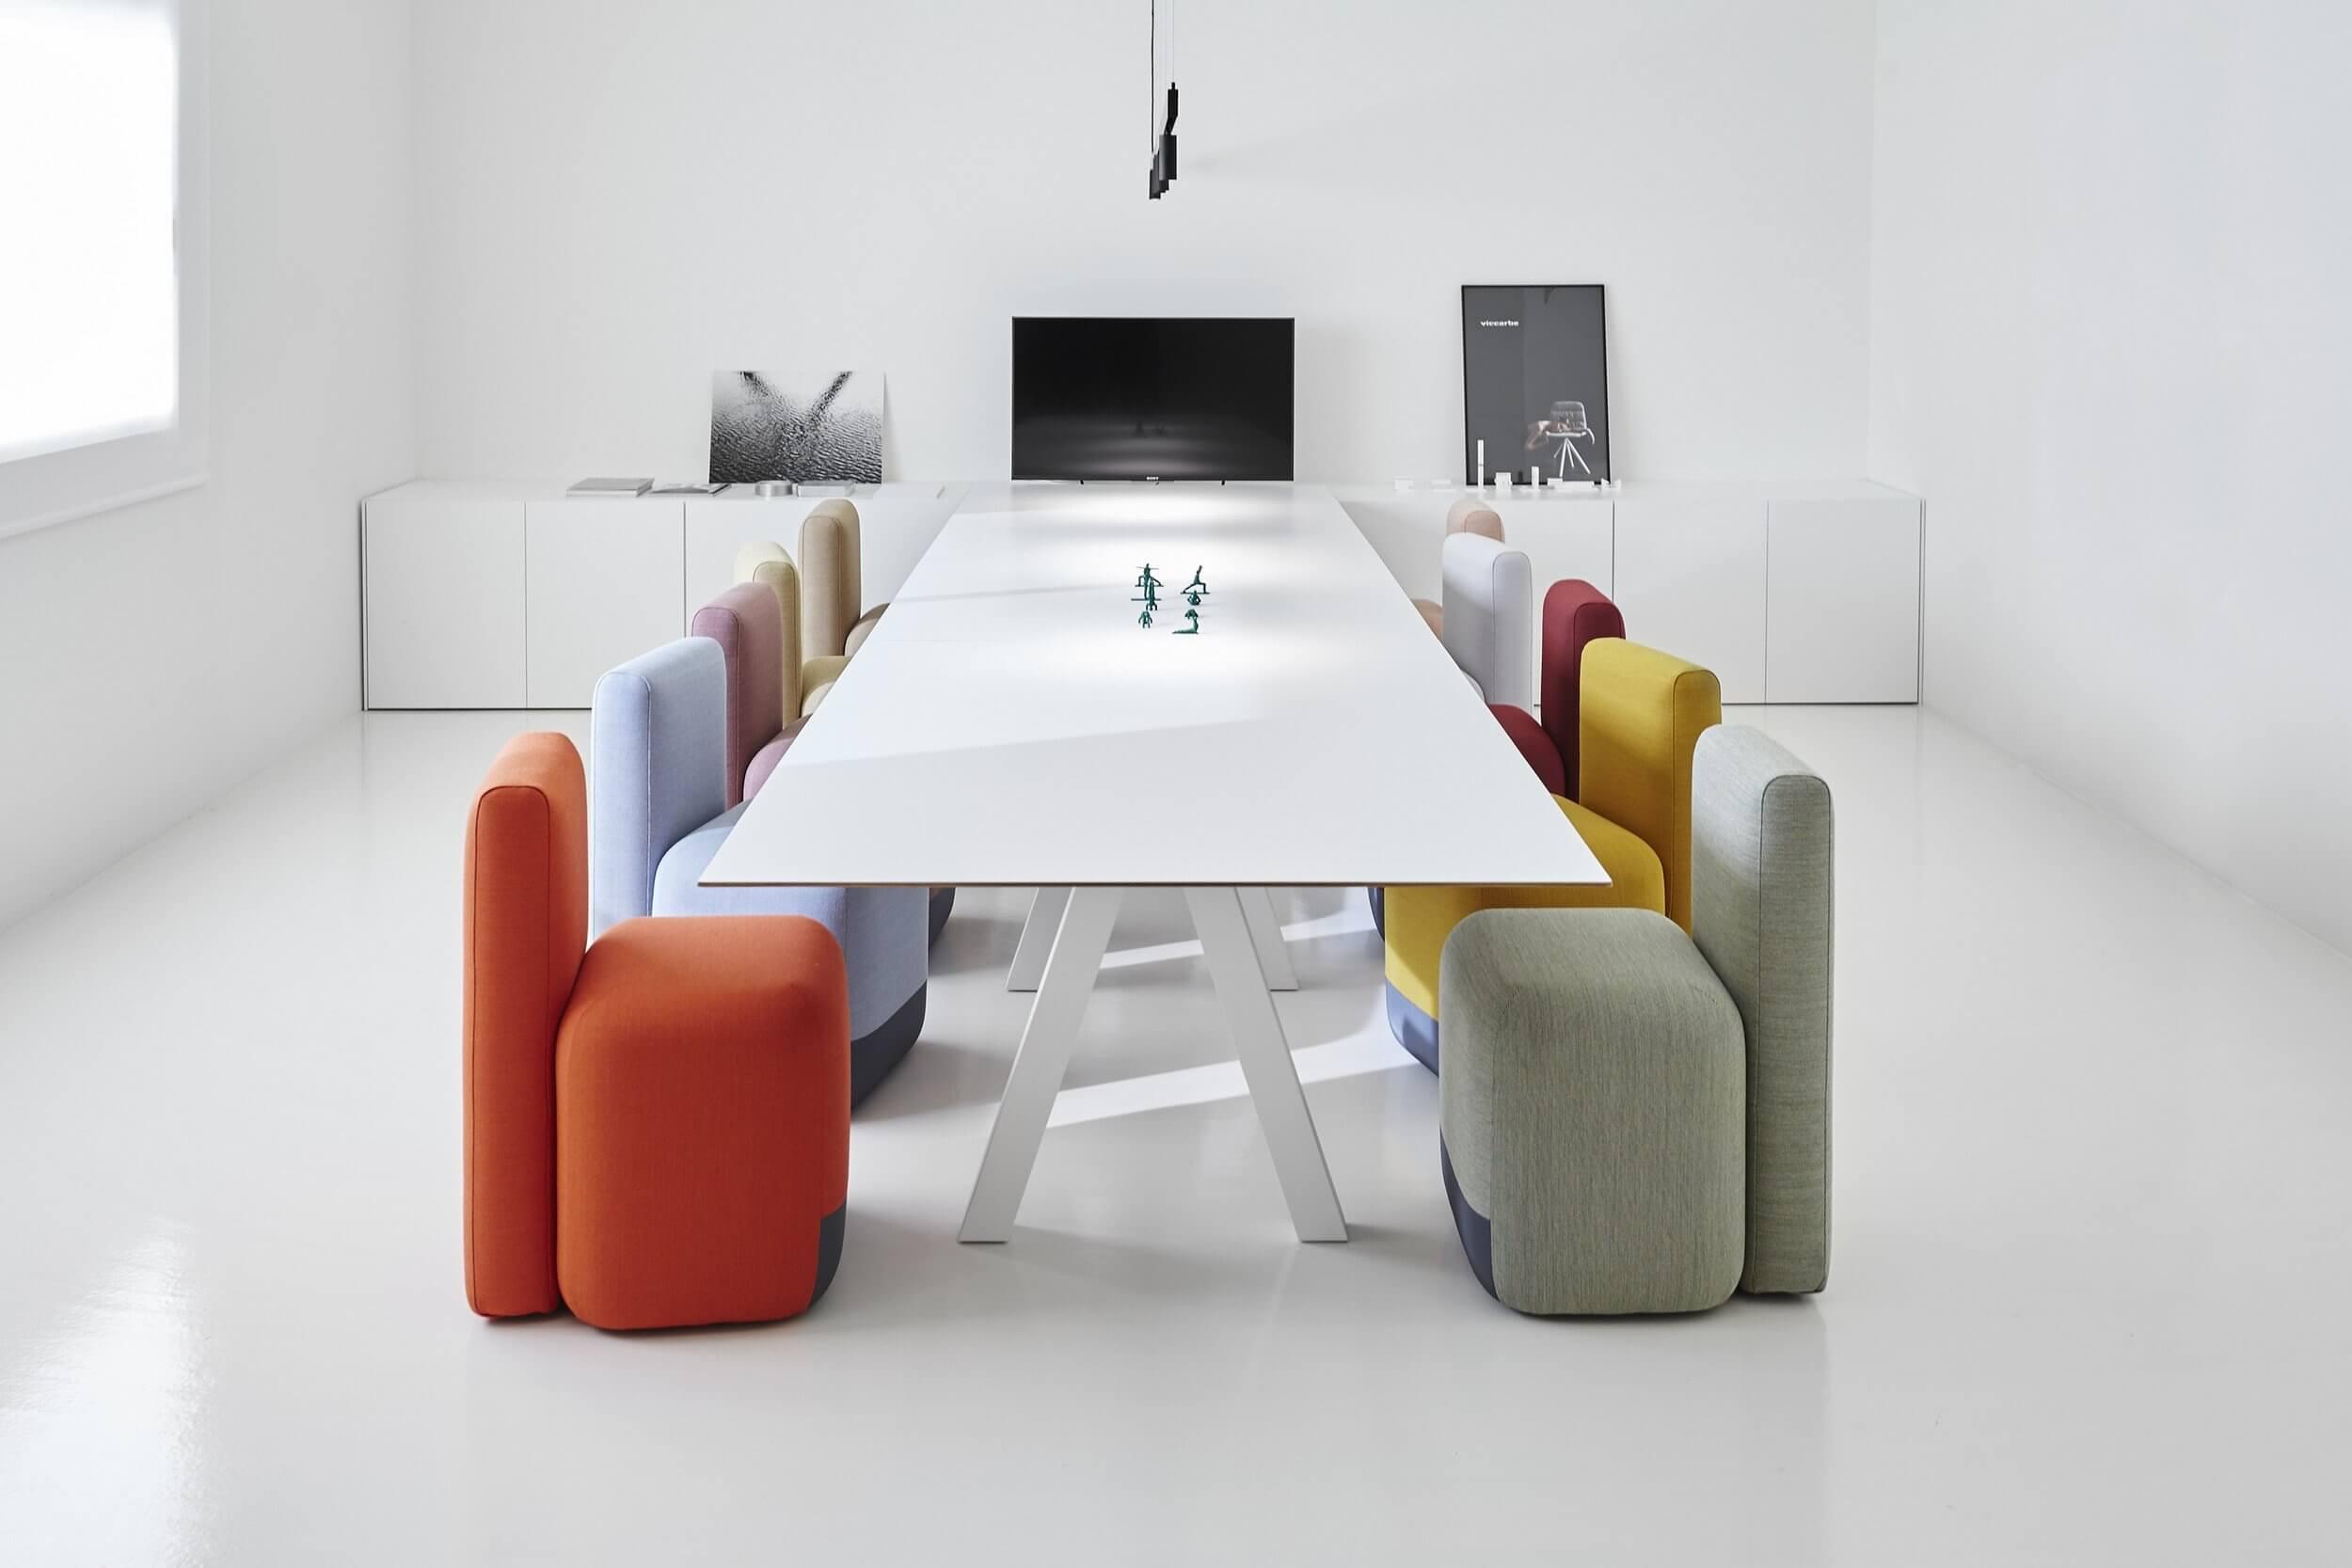 Mobilier design pour salle de réunion.